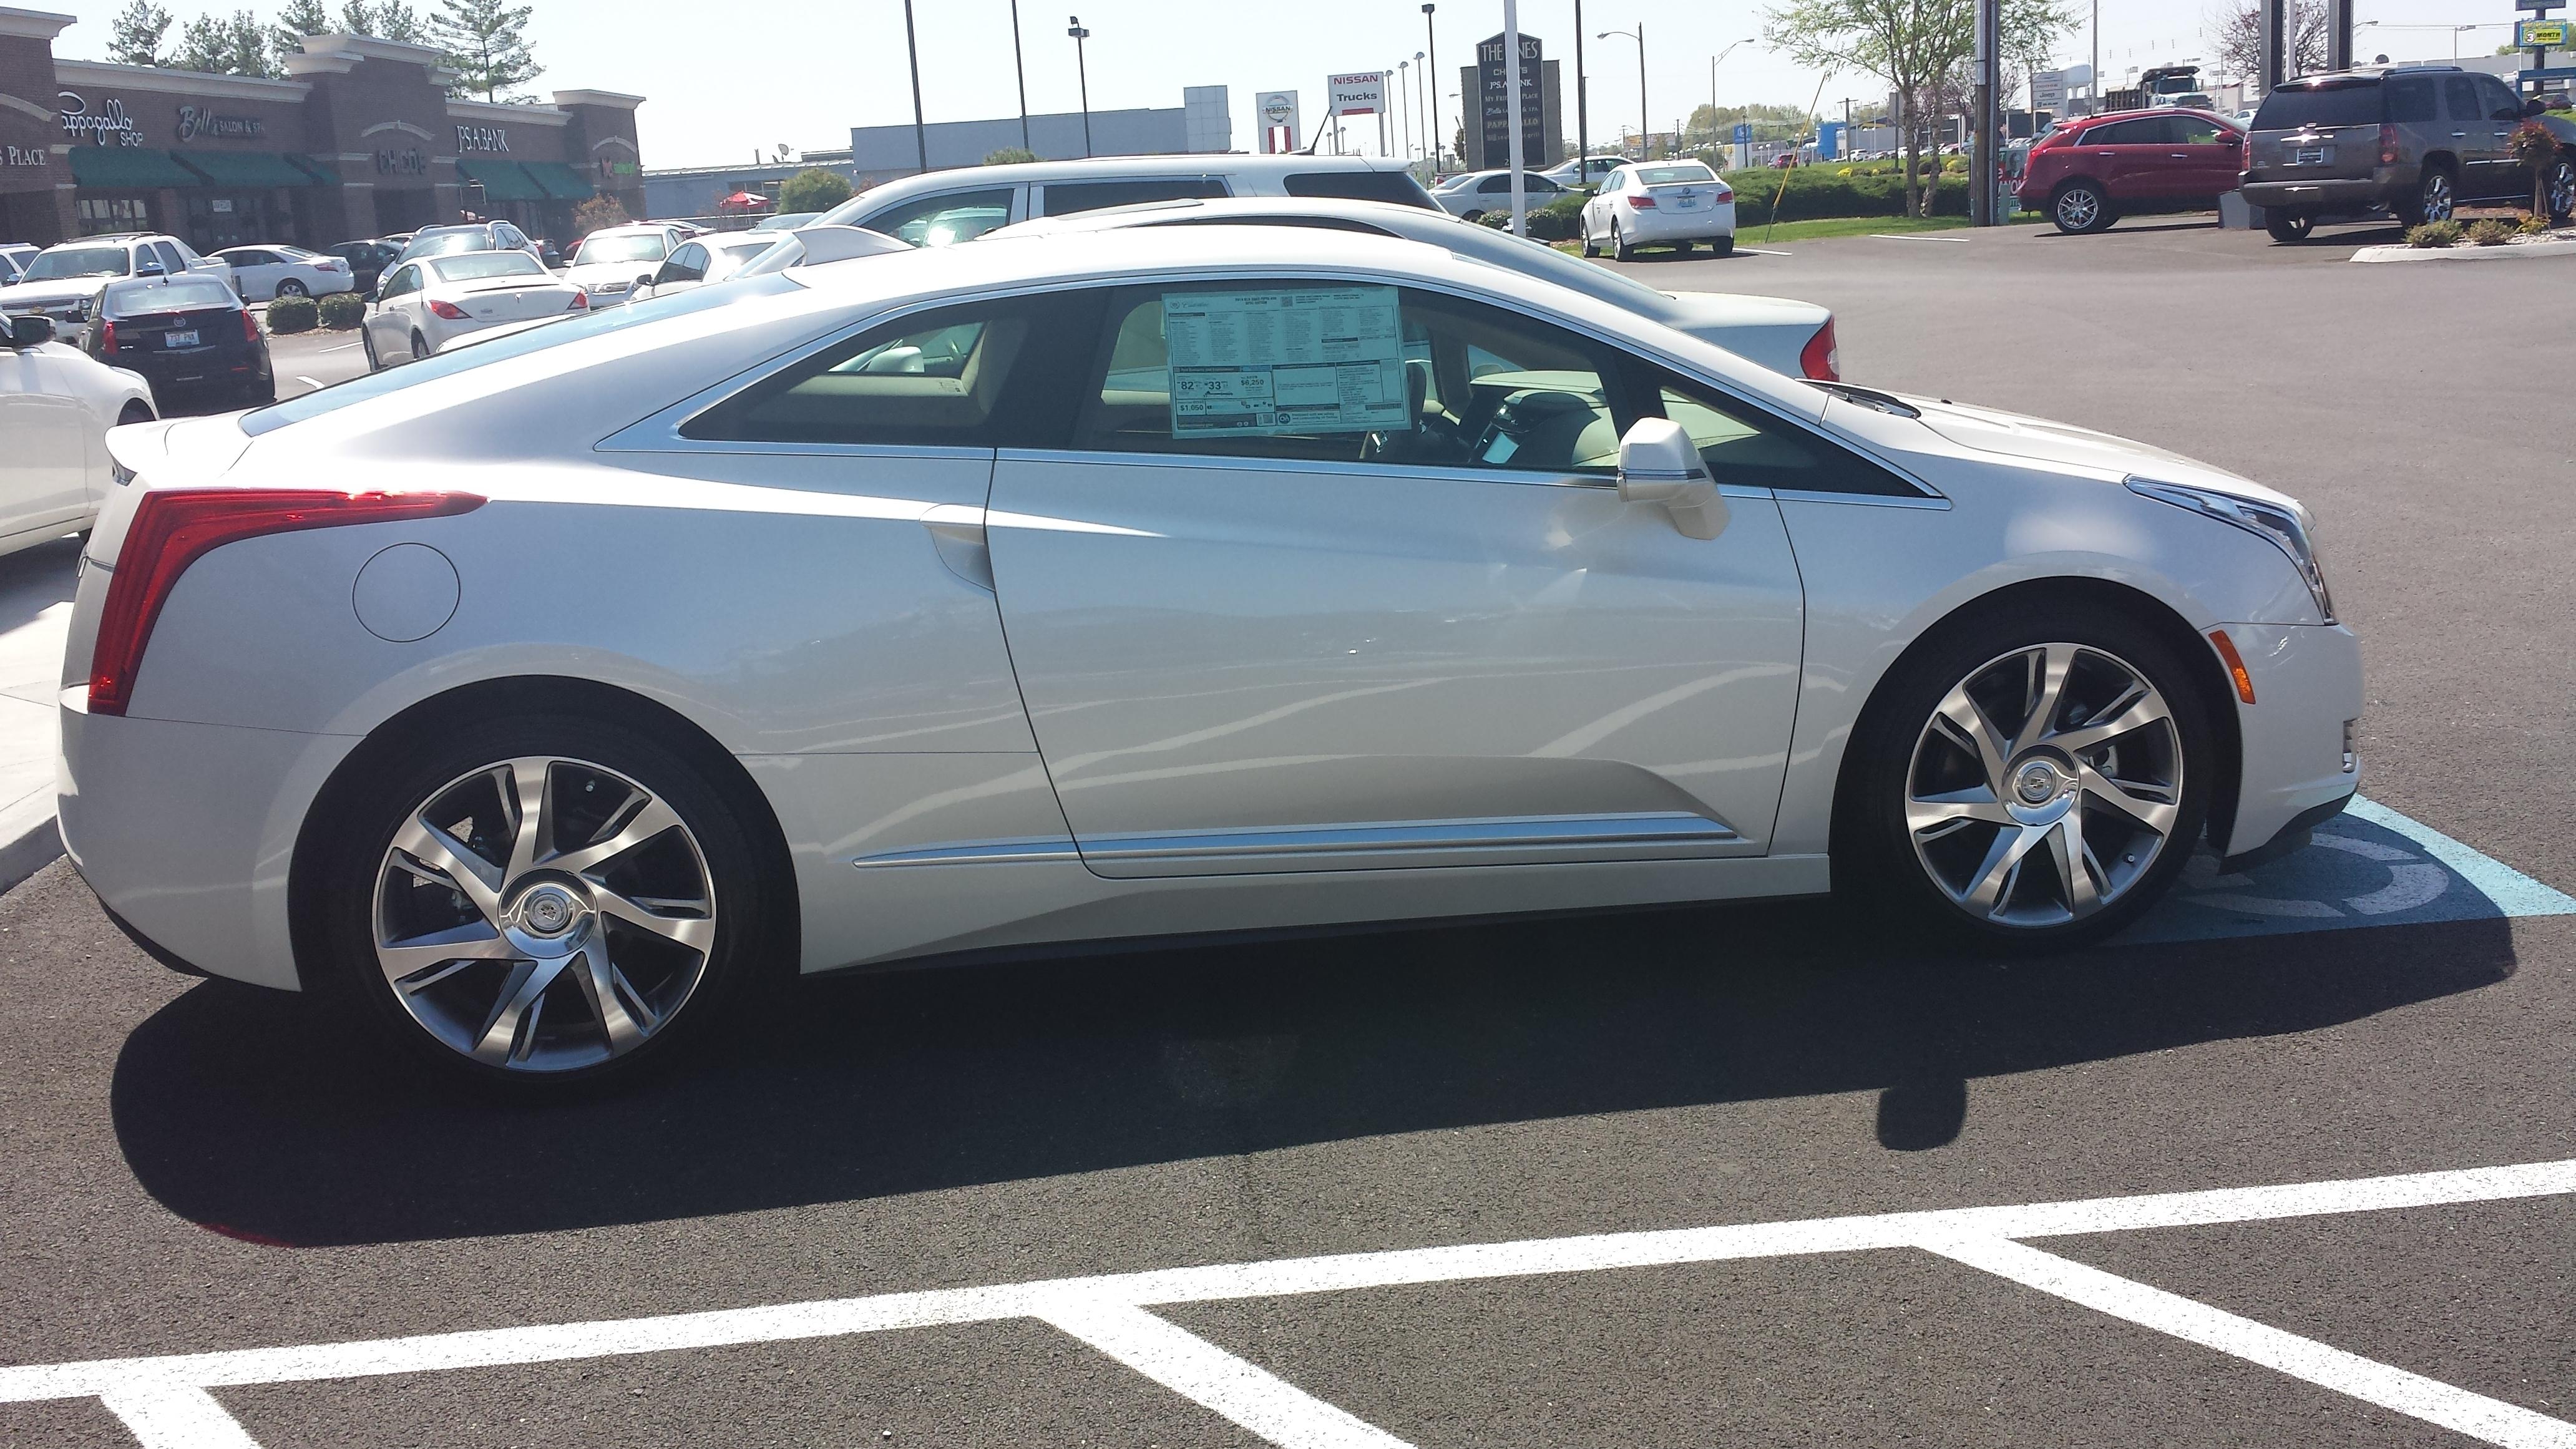 Leachman Buick GMC Cadillac image 1